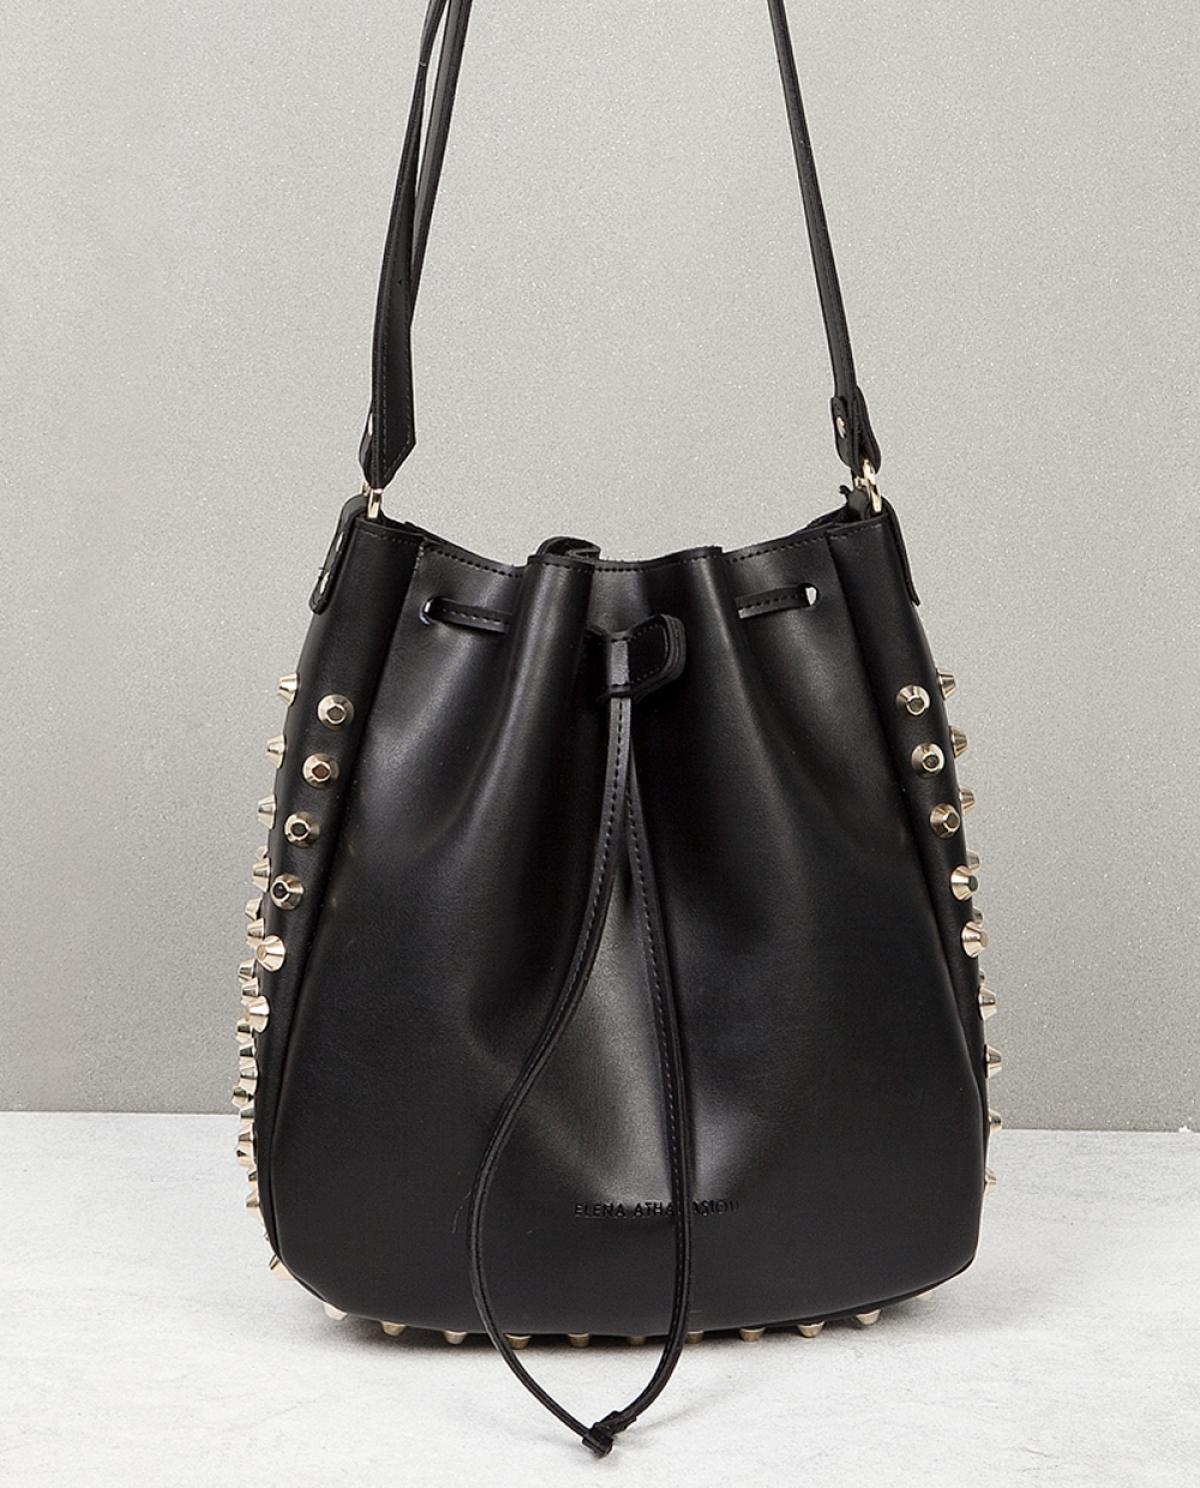 Bling Black Bucket Bag